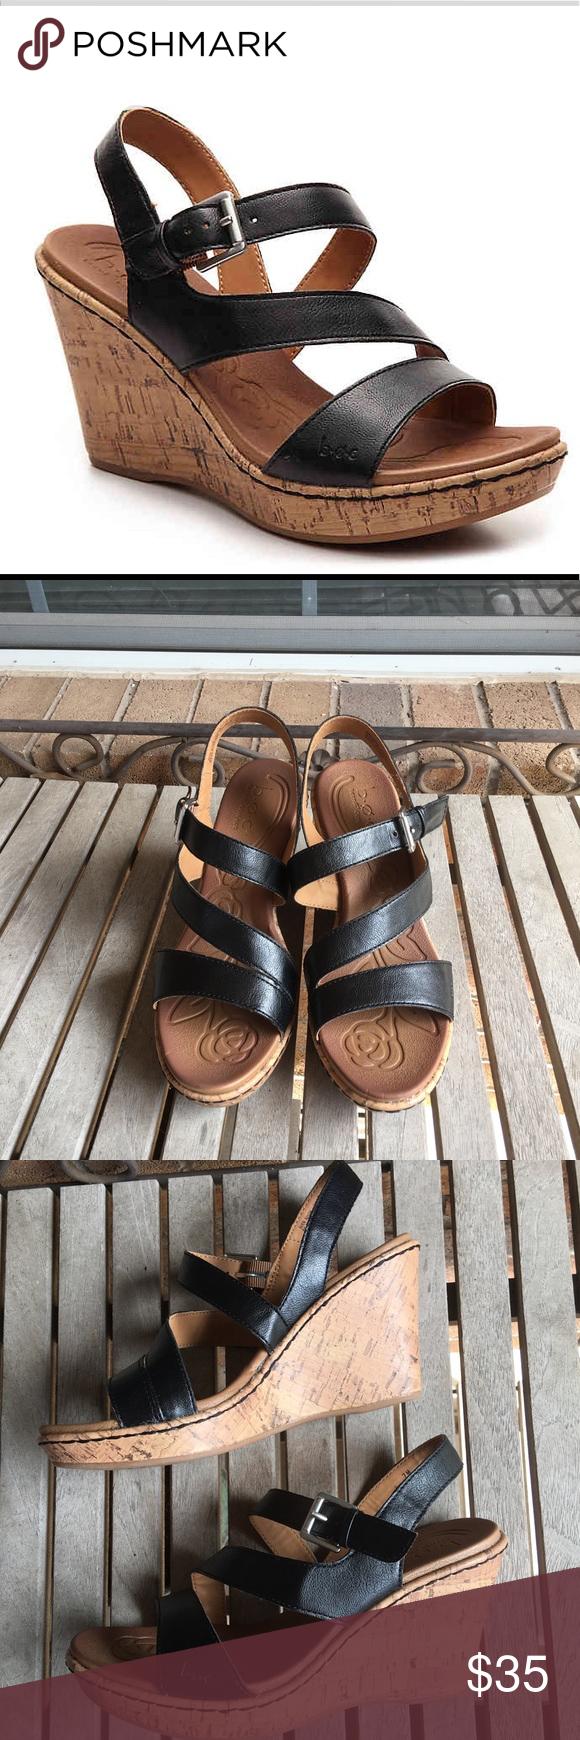 f5c8013e81f B.O.C Schirra Black Wedge Sandals The Schirra wedge sandal from b.o.c will  become a staple in